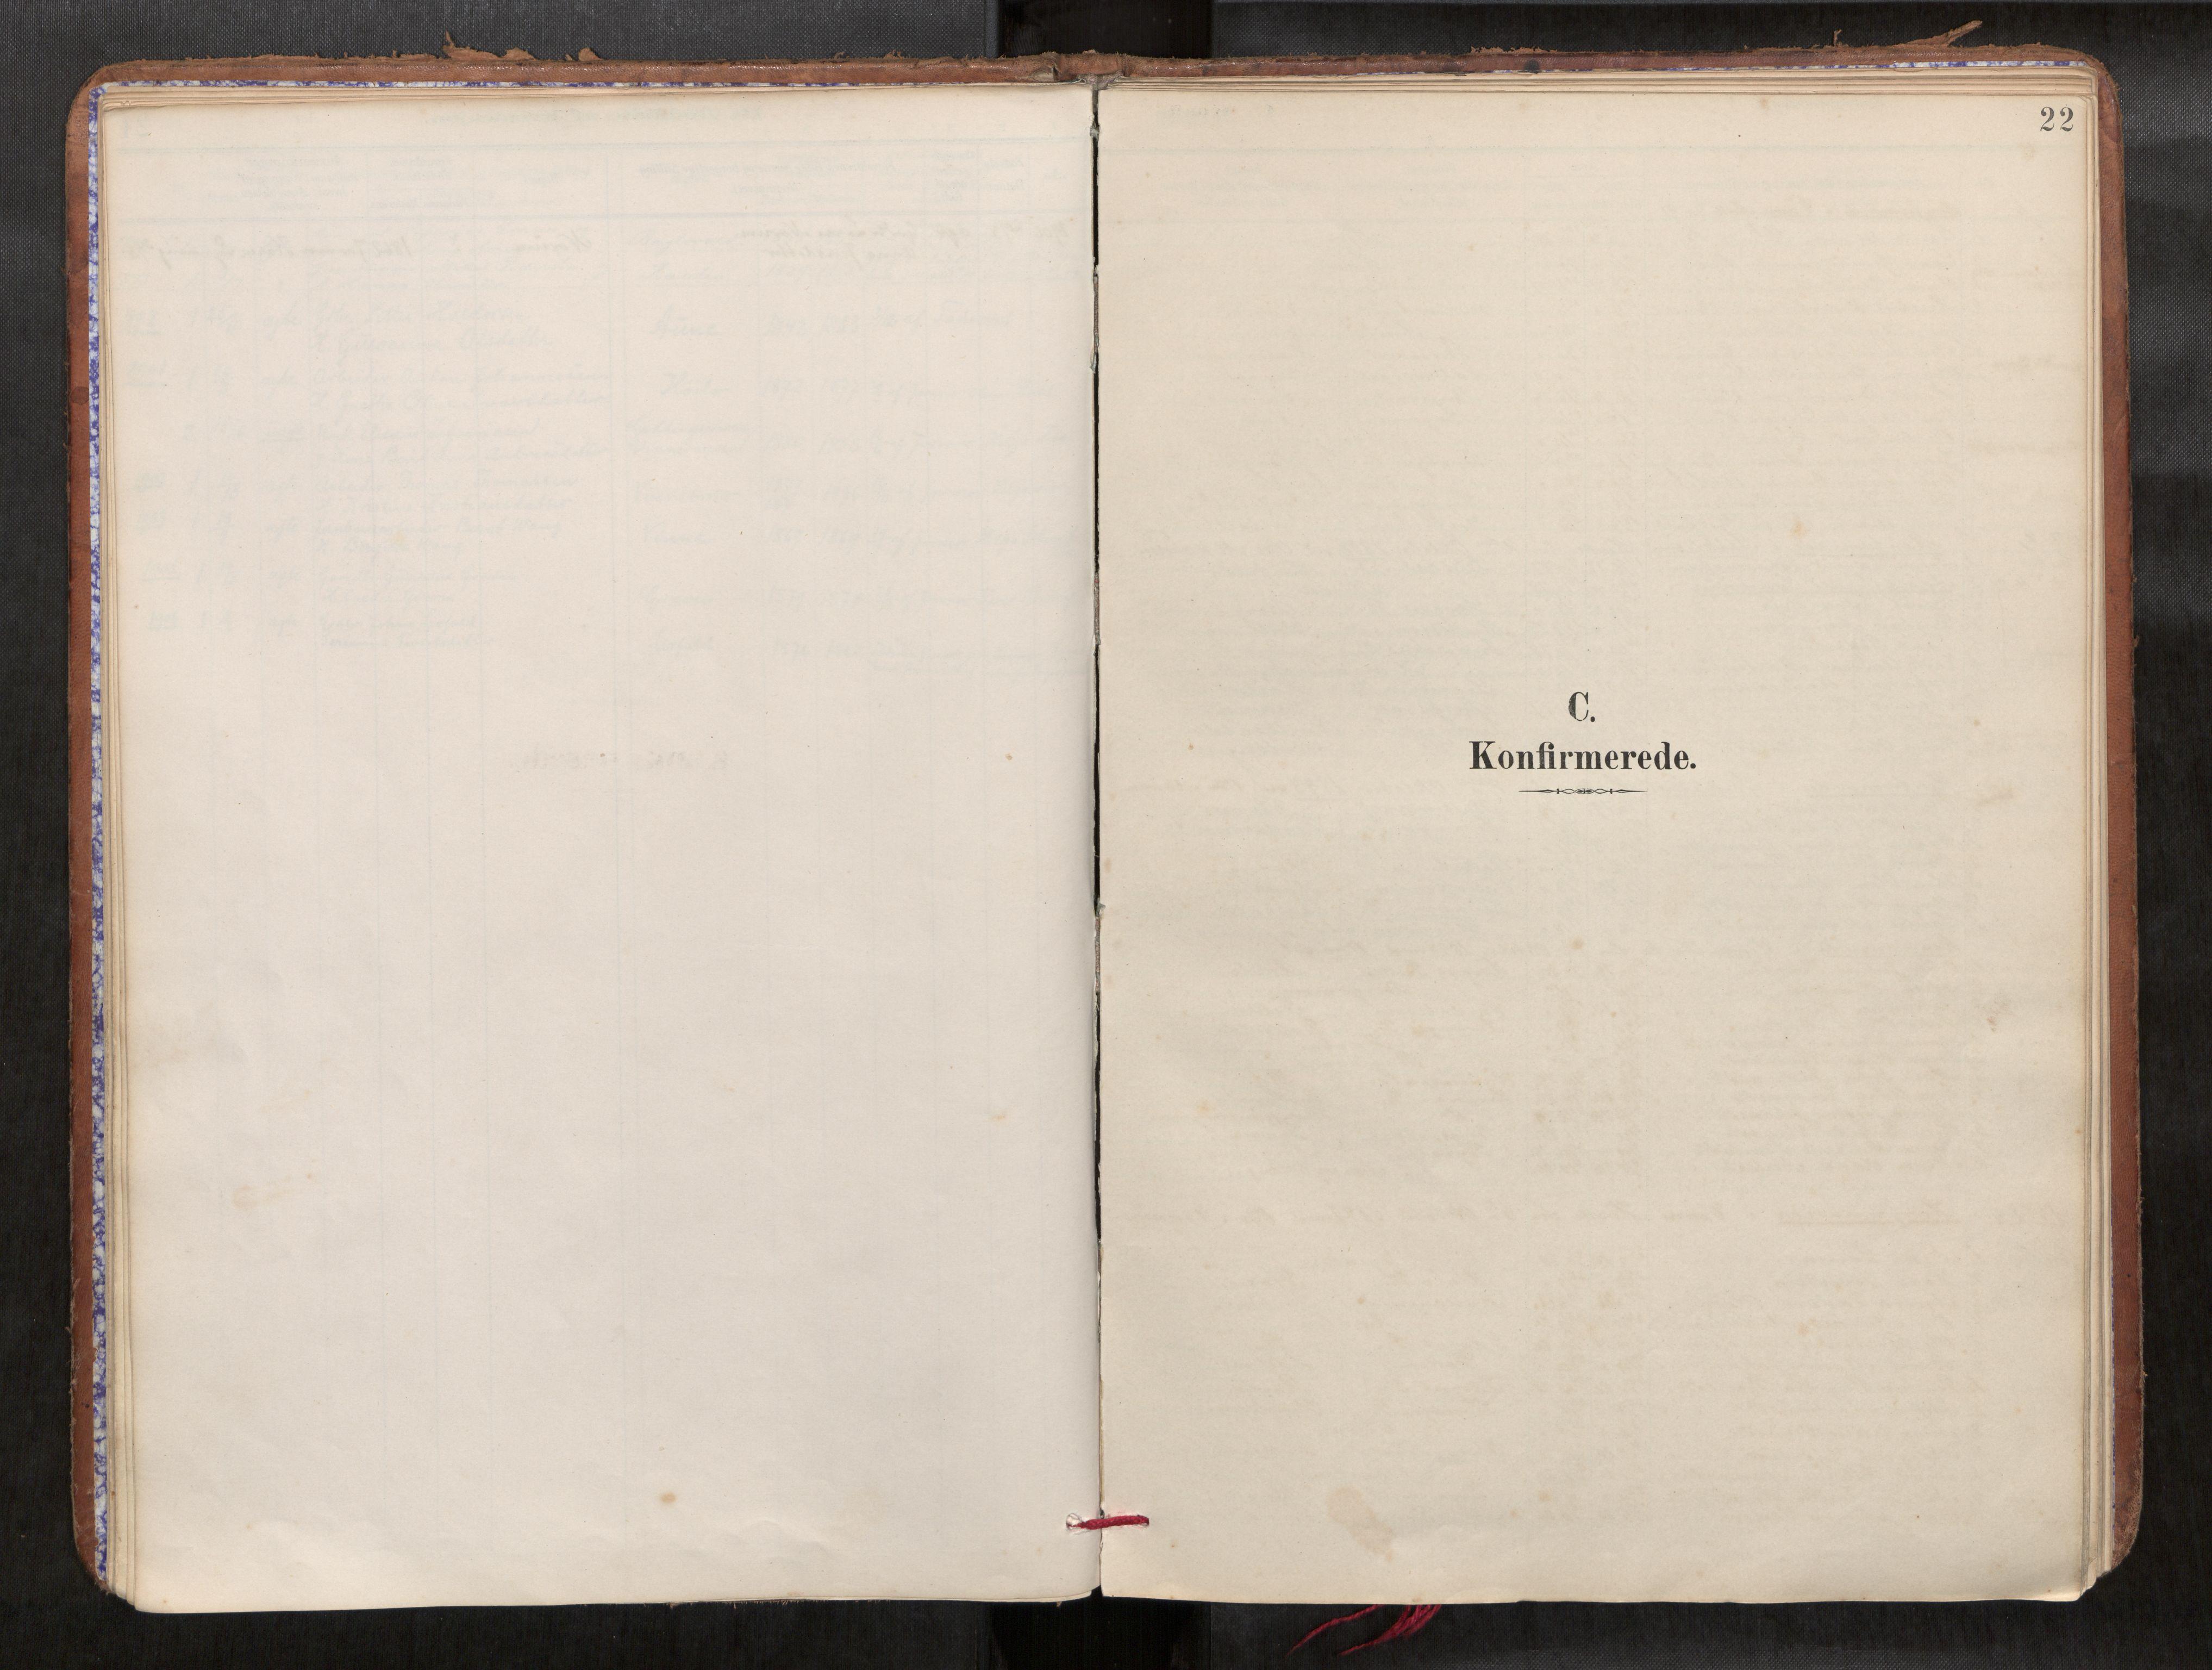 SAT, Verdal sokneprestkontor*, Ministerialbok nr. 1, 1891-1907, s. 22